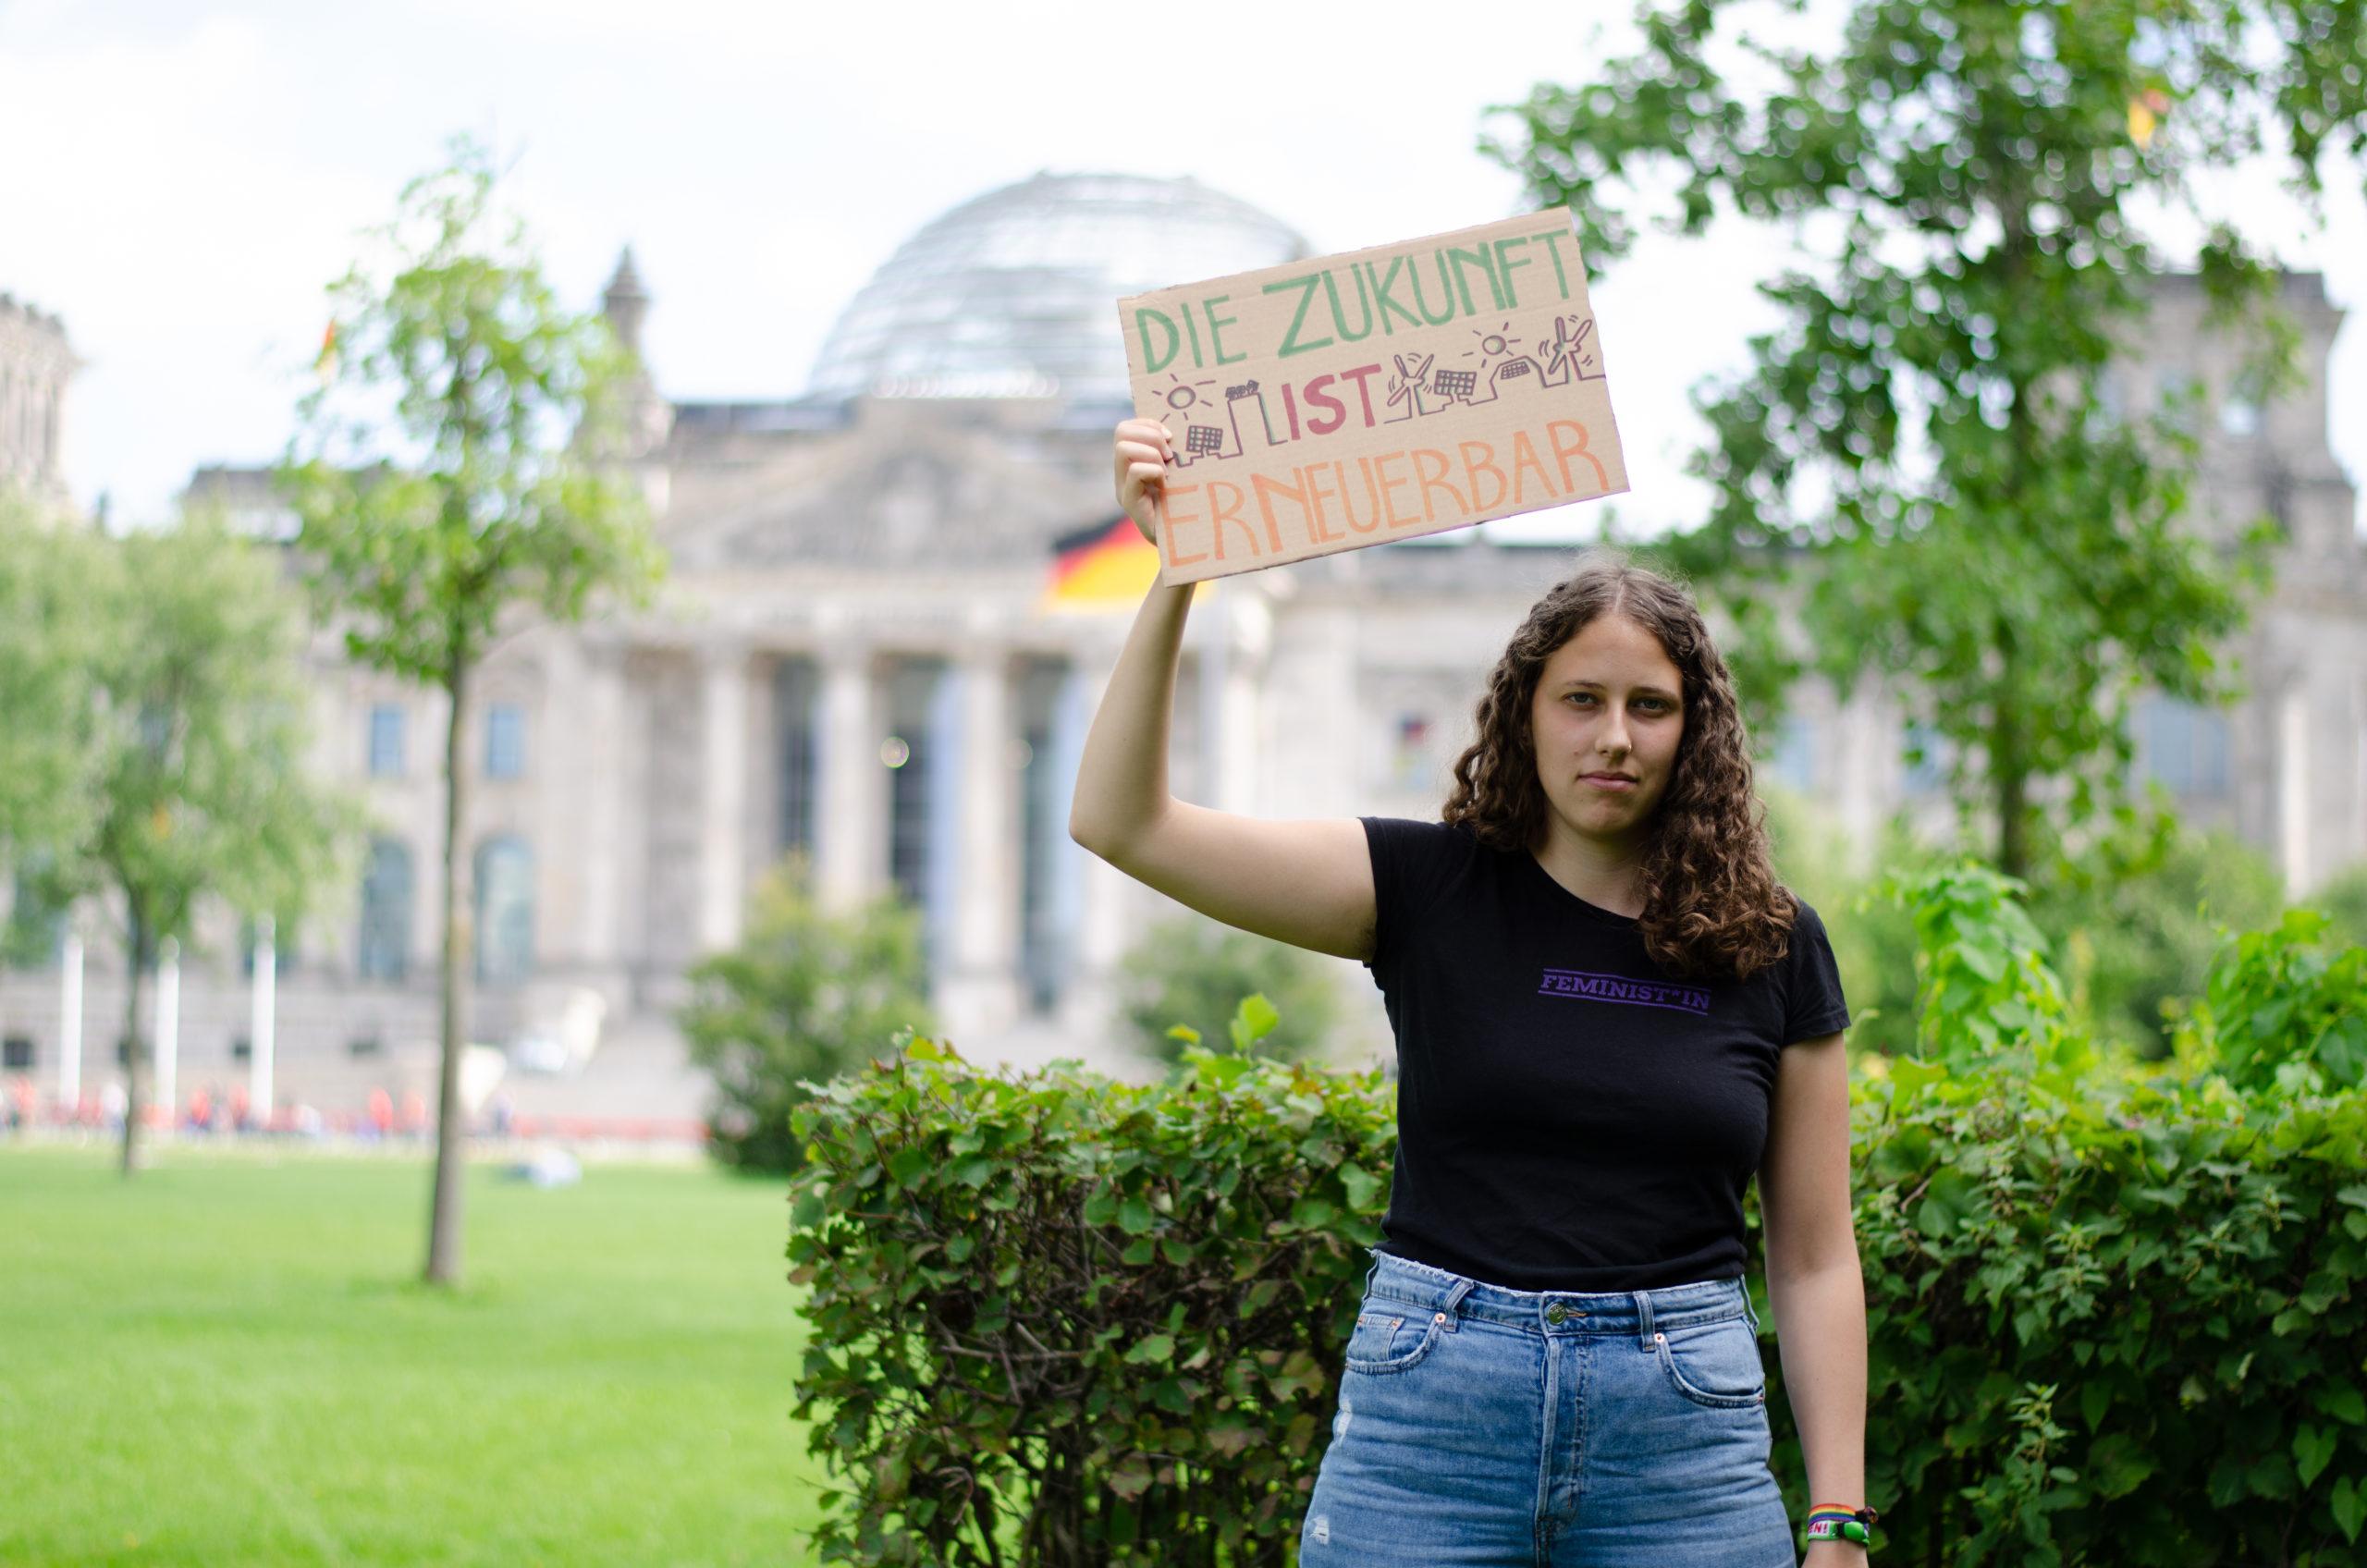 """Annka mit Schild """"Die Zukunft ist erneuerbar"""""""